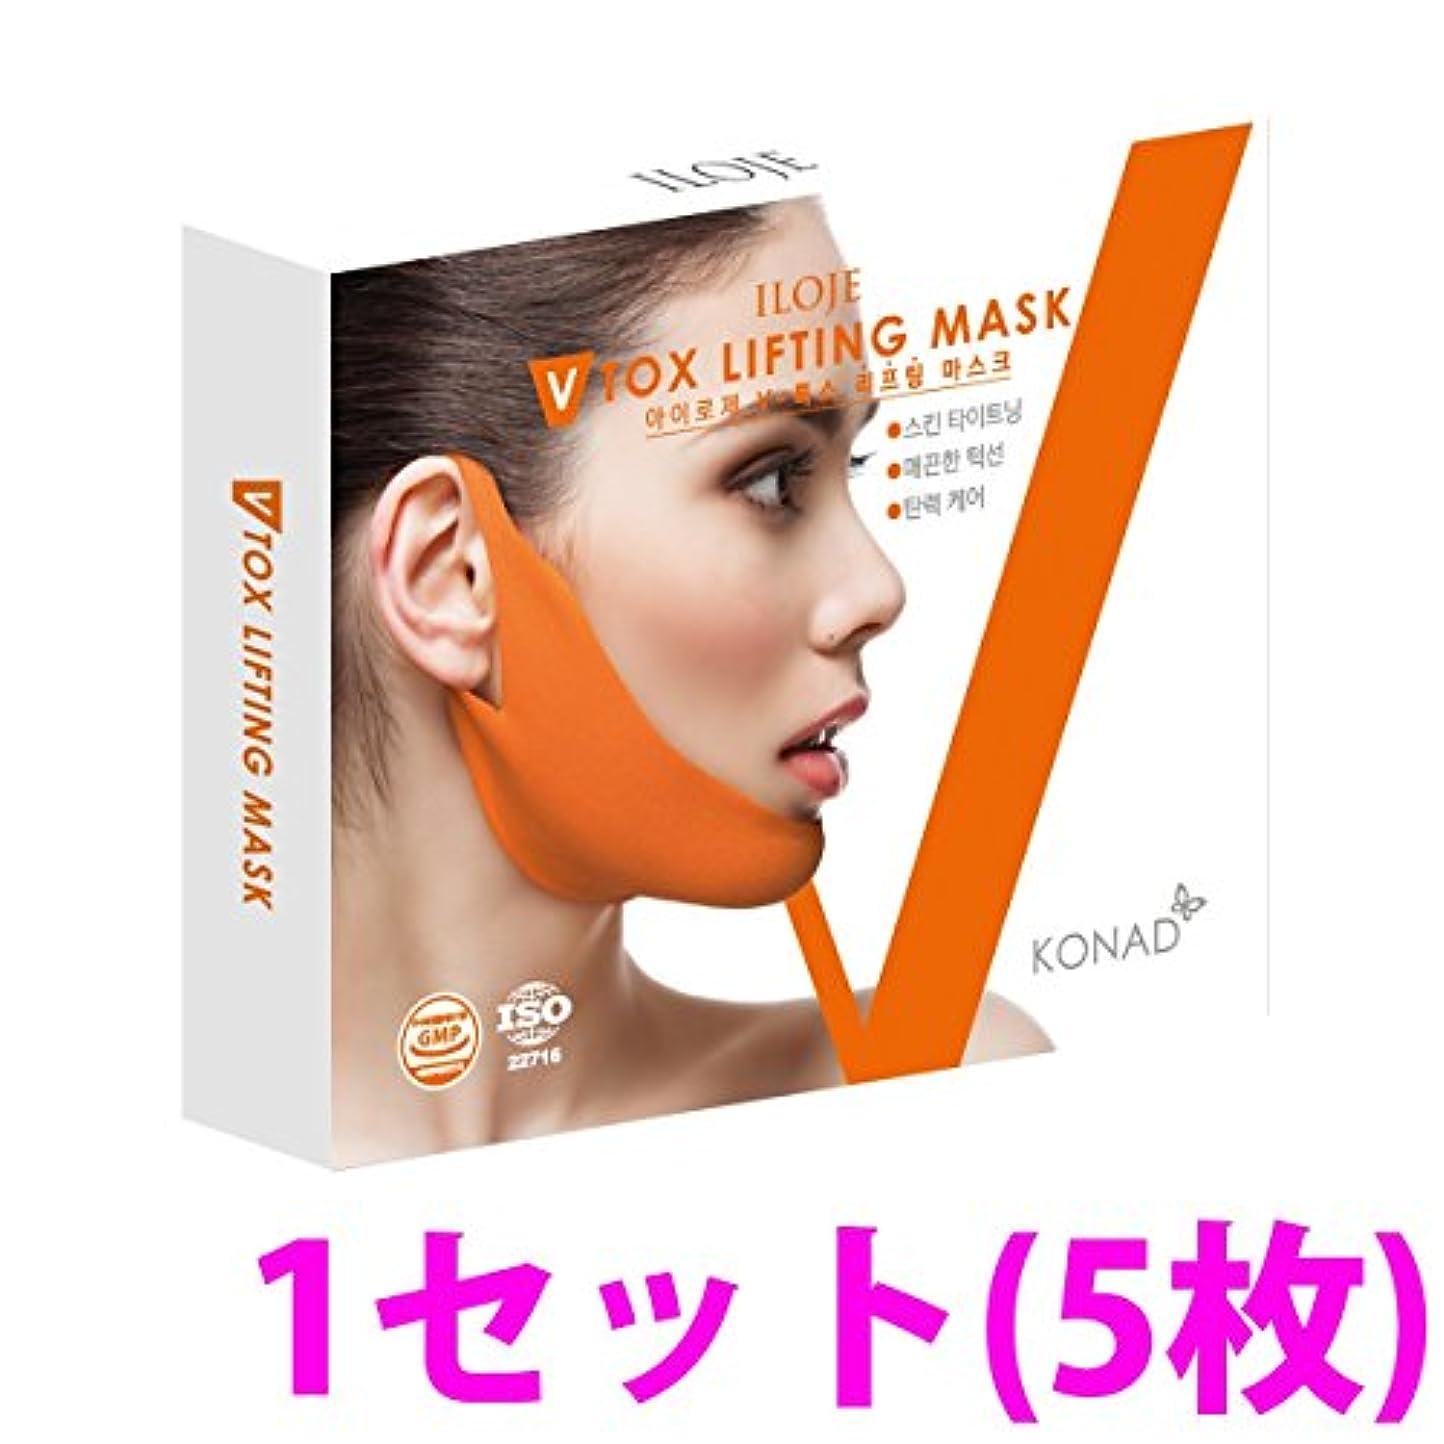 一貫した勝利した私たちのもの女性の年齢は顎の輪郭で決まる!V-TOXリフティングマスクパック 1セット(5枚)